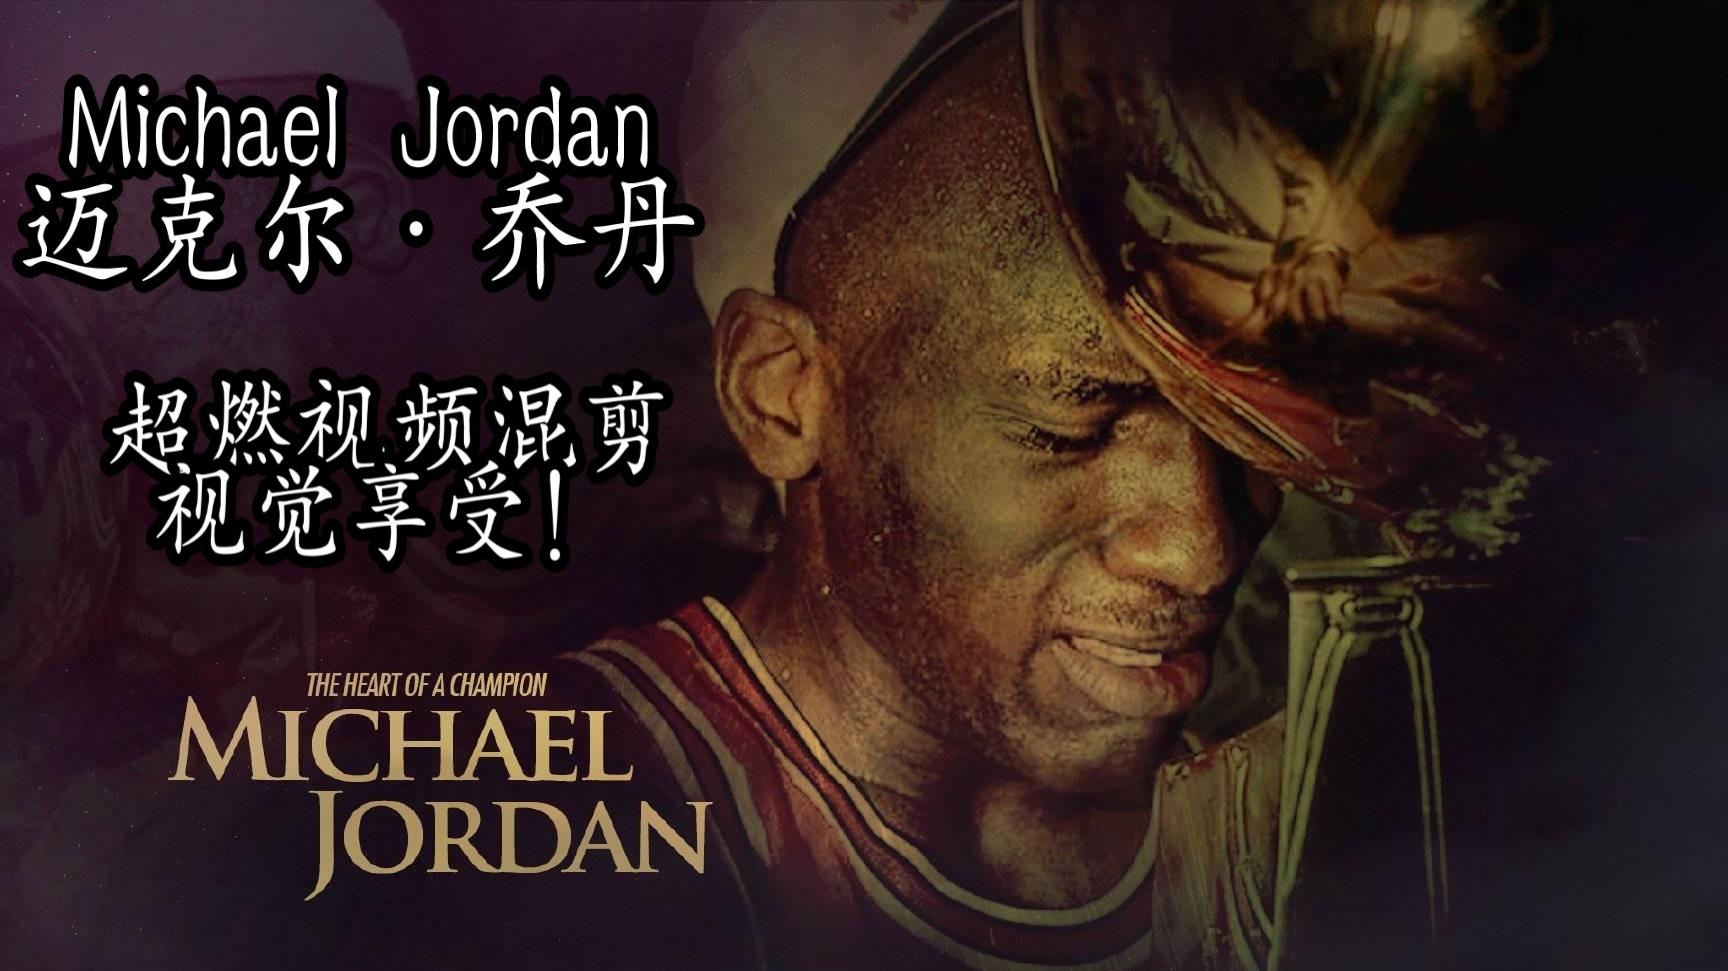 【Michael Jordan】视觉享受!篮球界的老流氓,世人称为篮球之神 迈克尔乔丹高燃视频混剪!